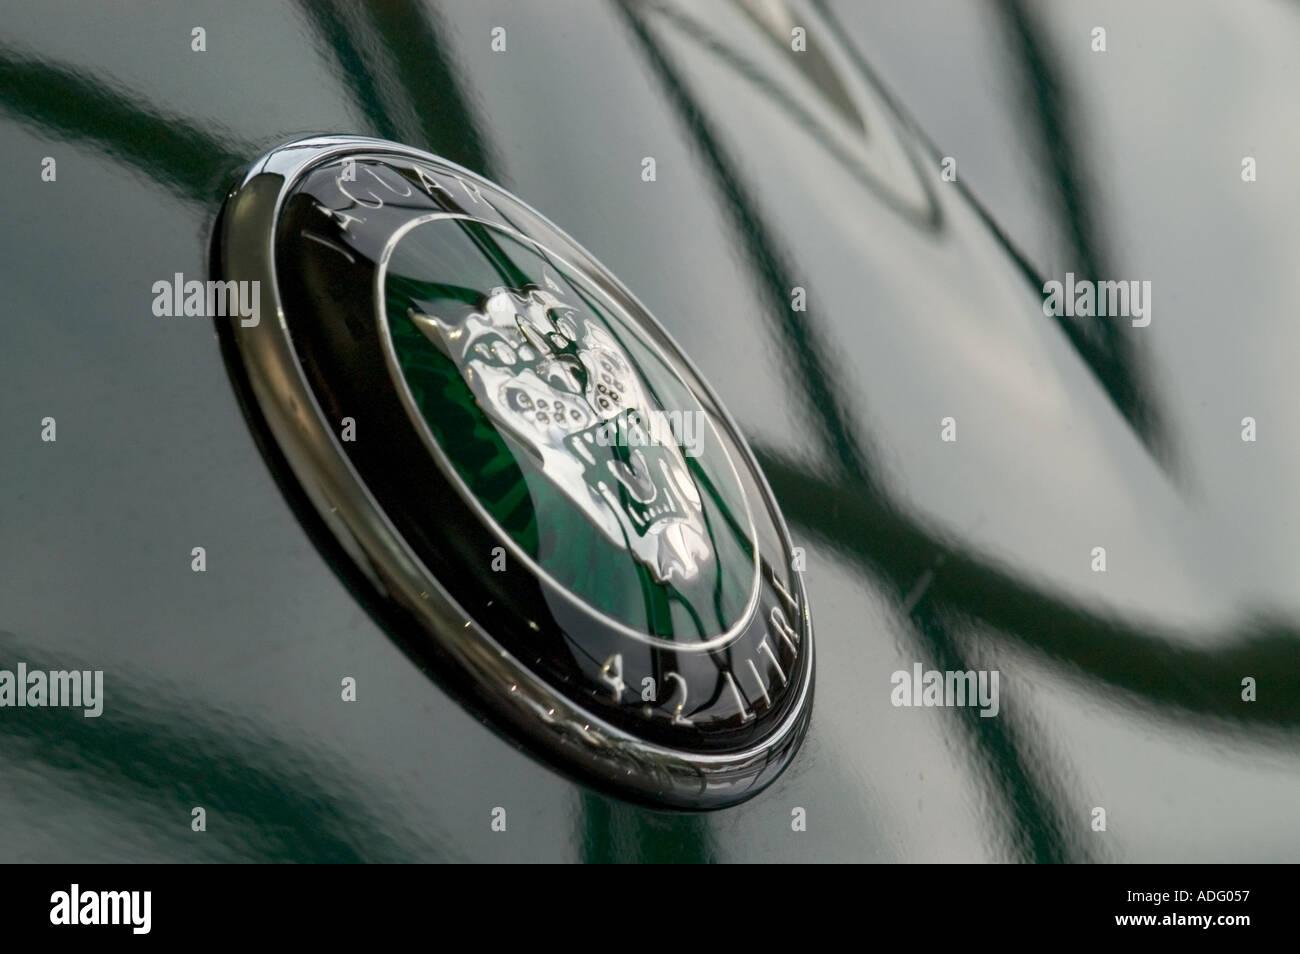 Jaguar Modern Car Expensive Symbol New Stock Photo 2474070 Alamy